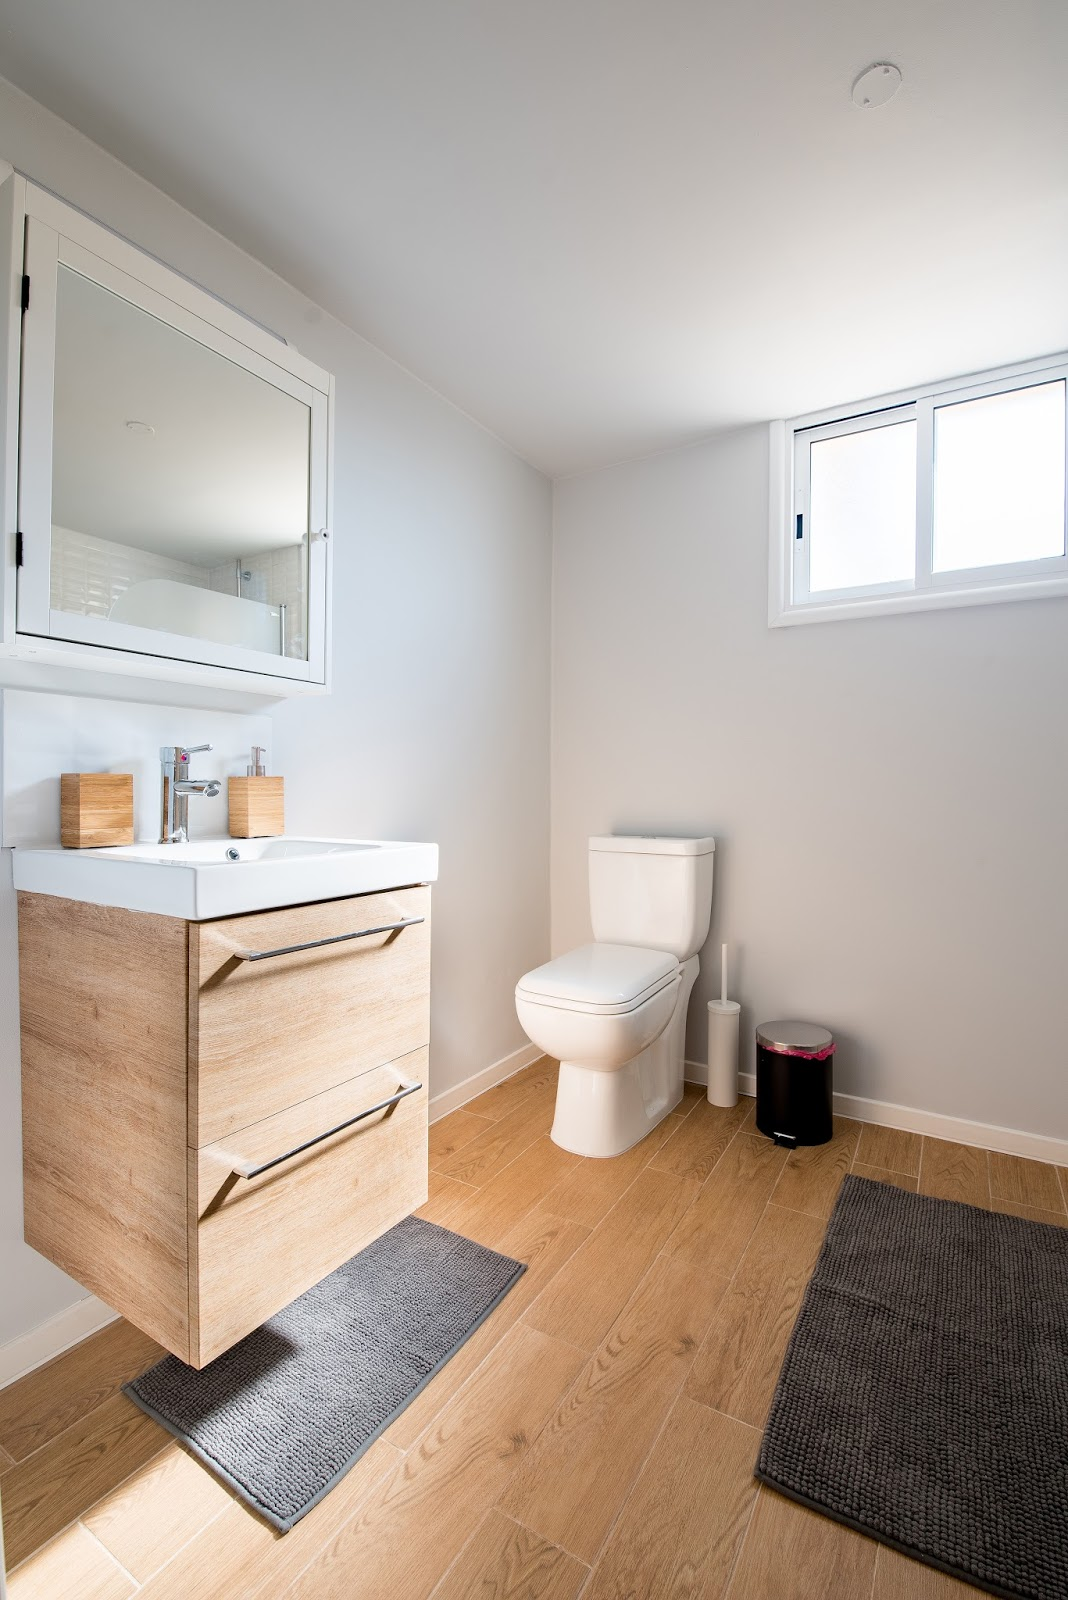 Bathroom Vanities blog: 6 Vanities to Make Your Half Bathroom Feel ...